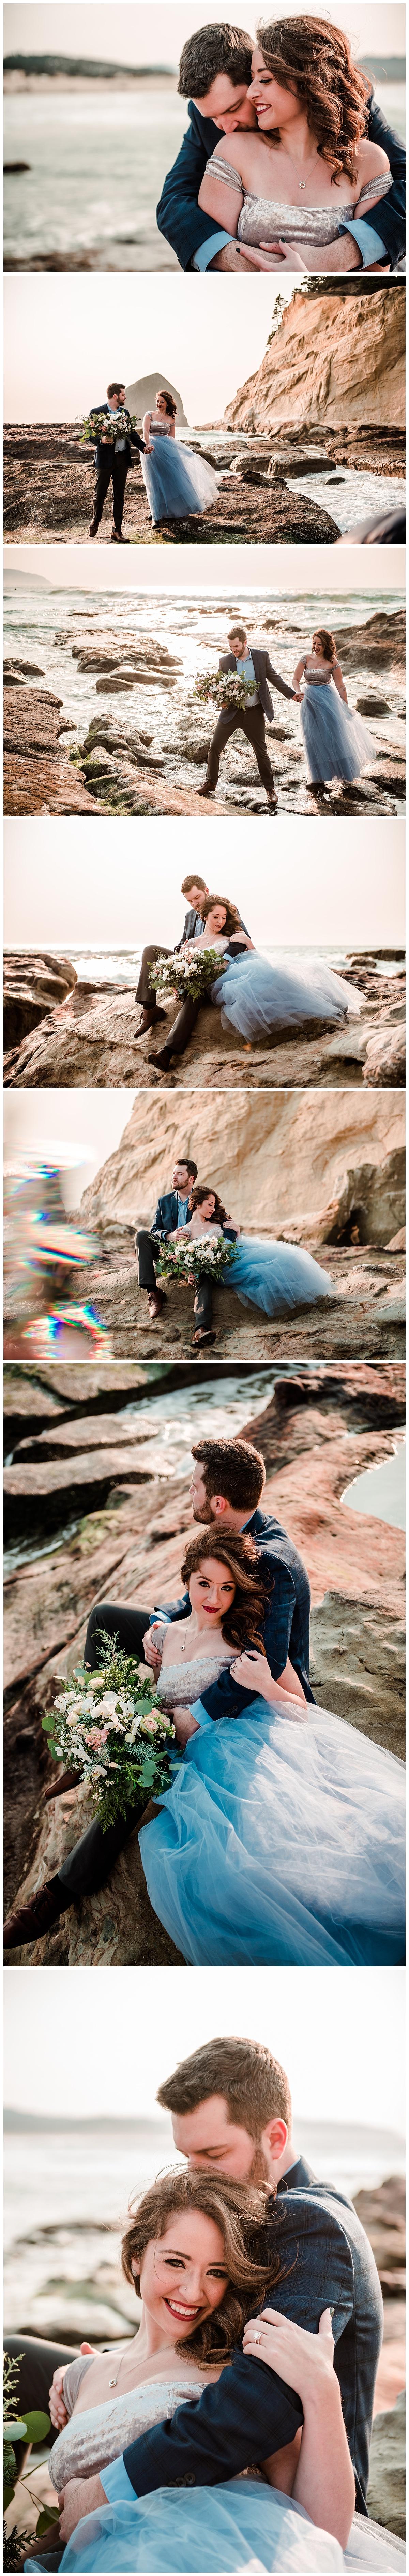 oregon coast engagement and wedding pic